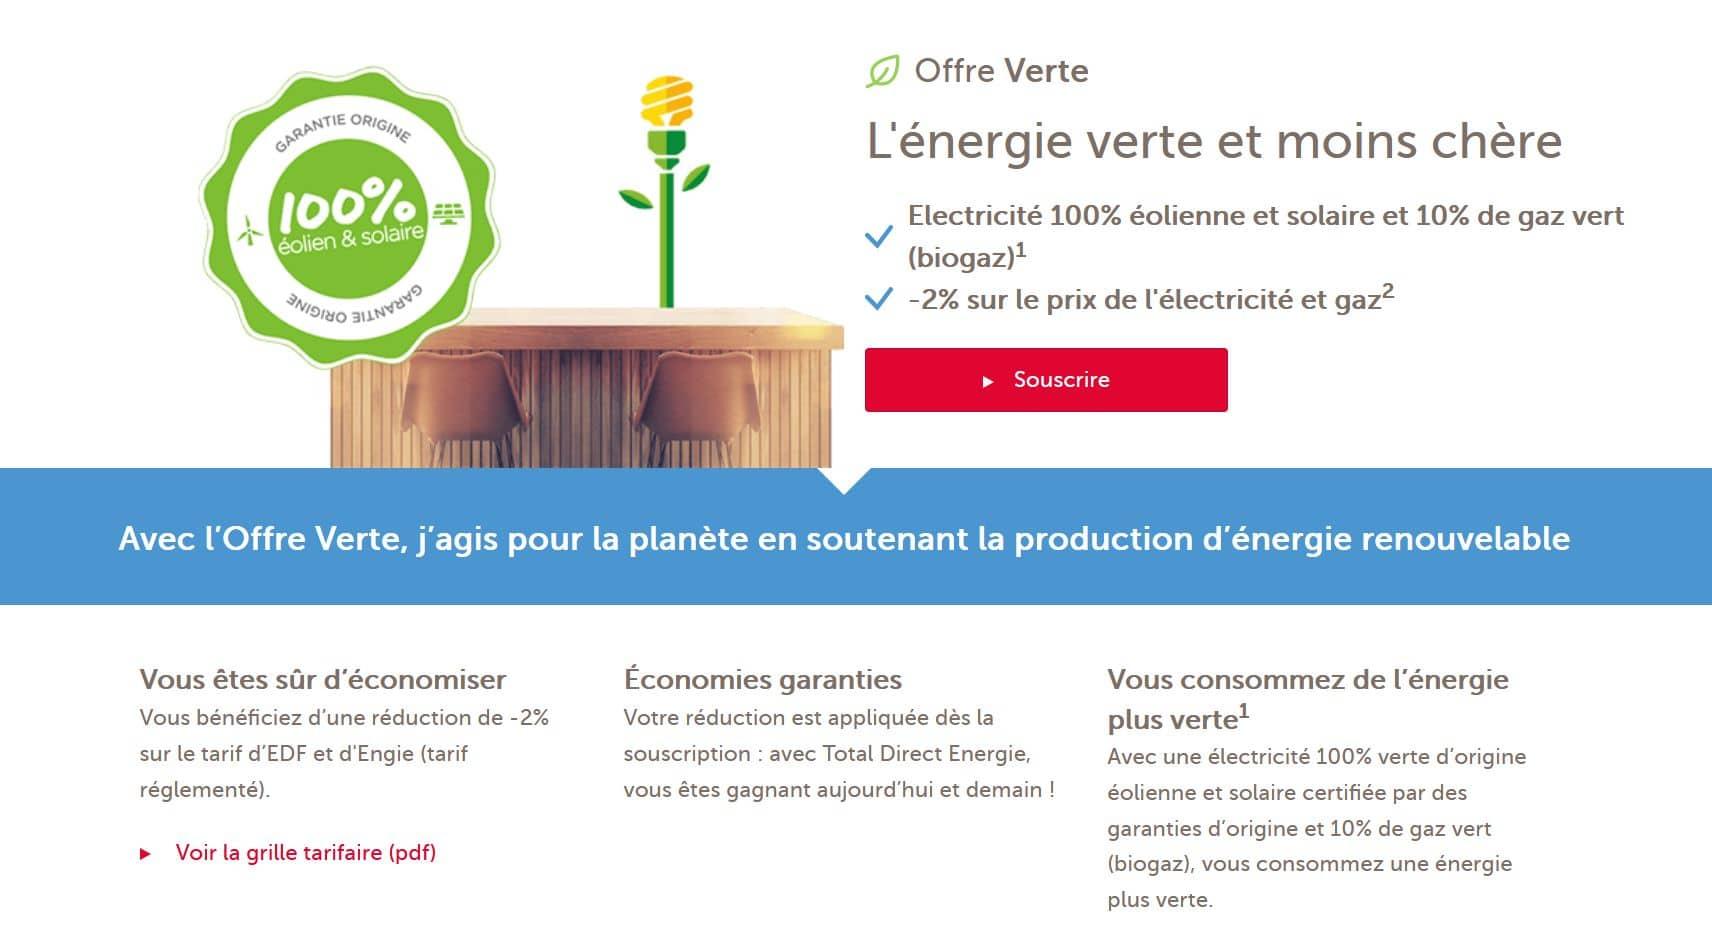 l'offre verte total direct énergie